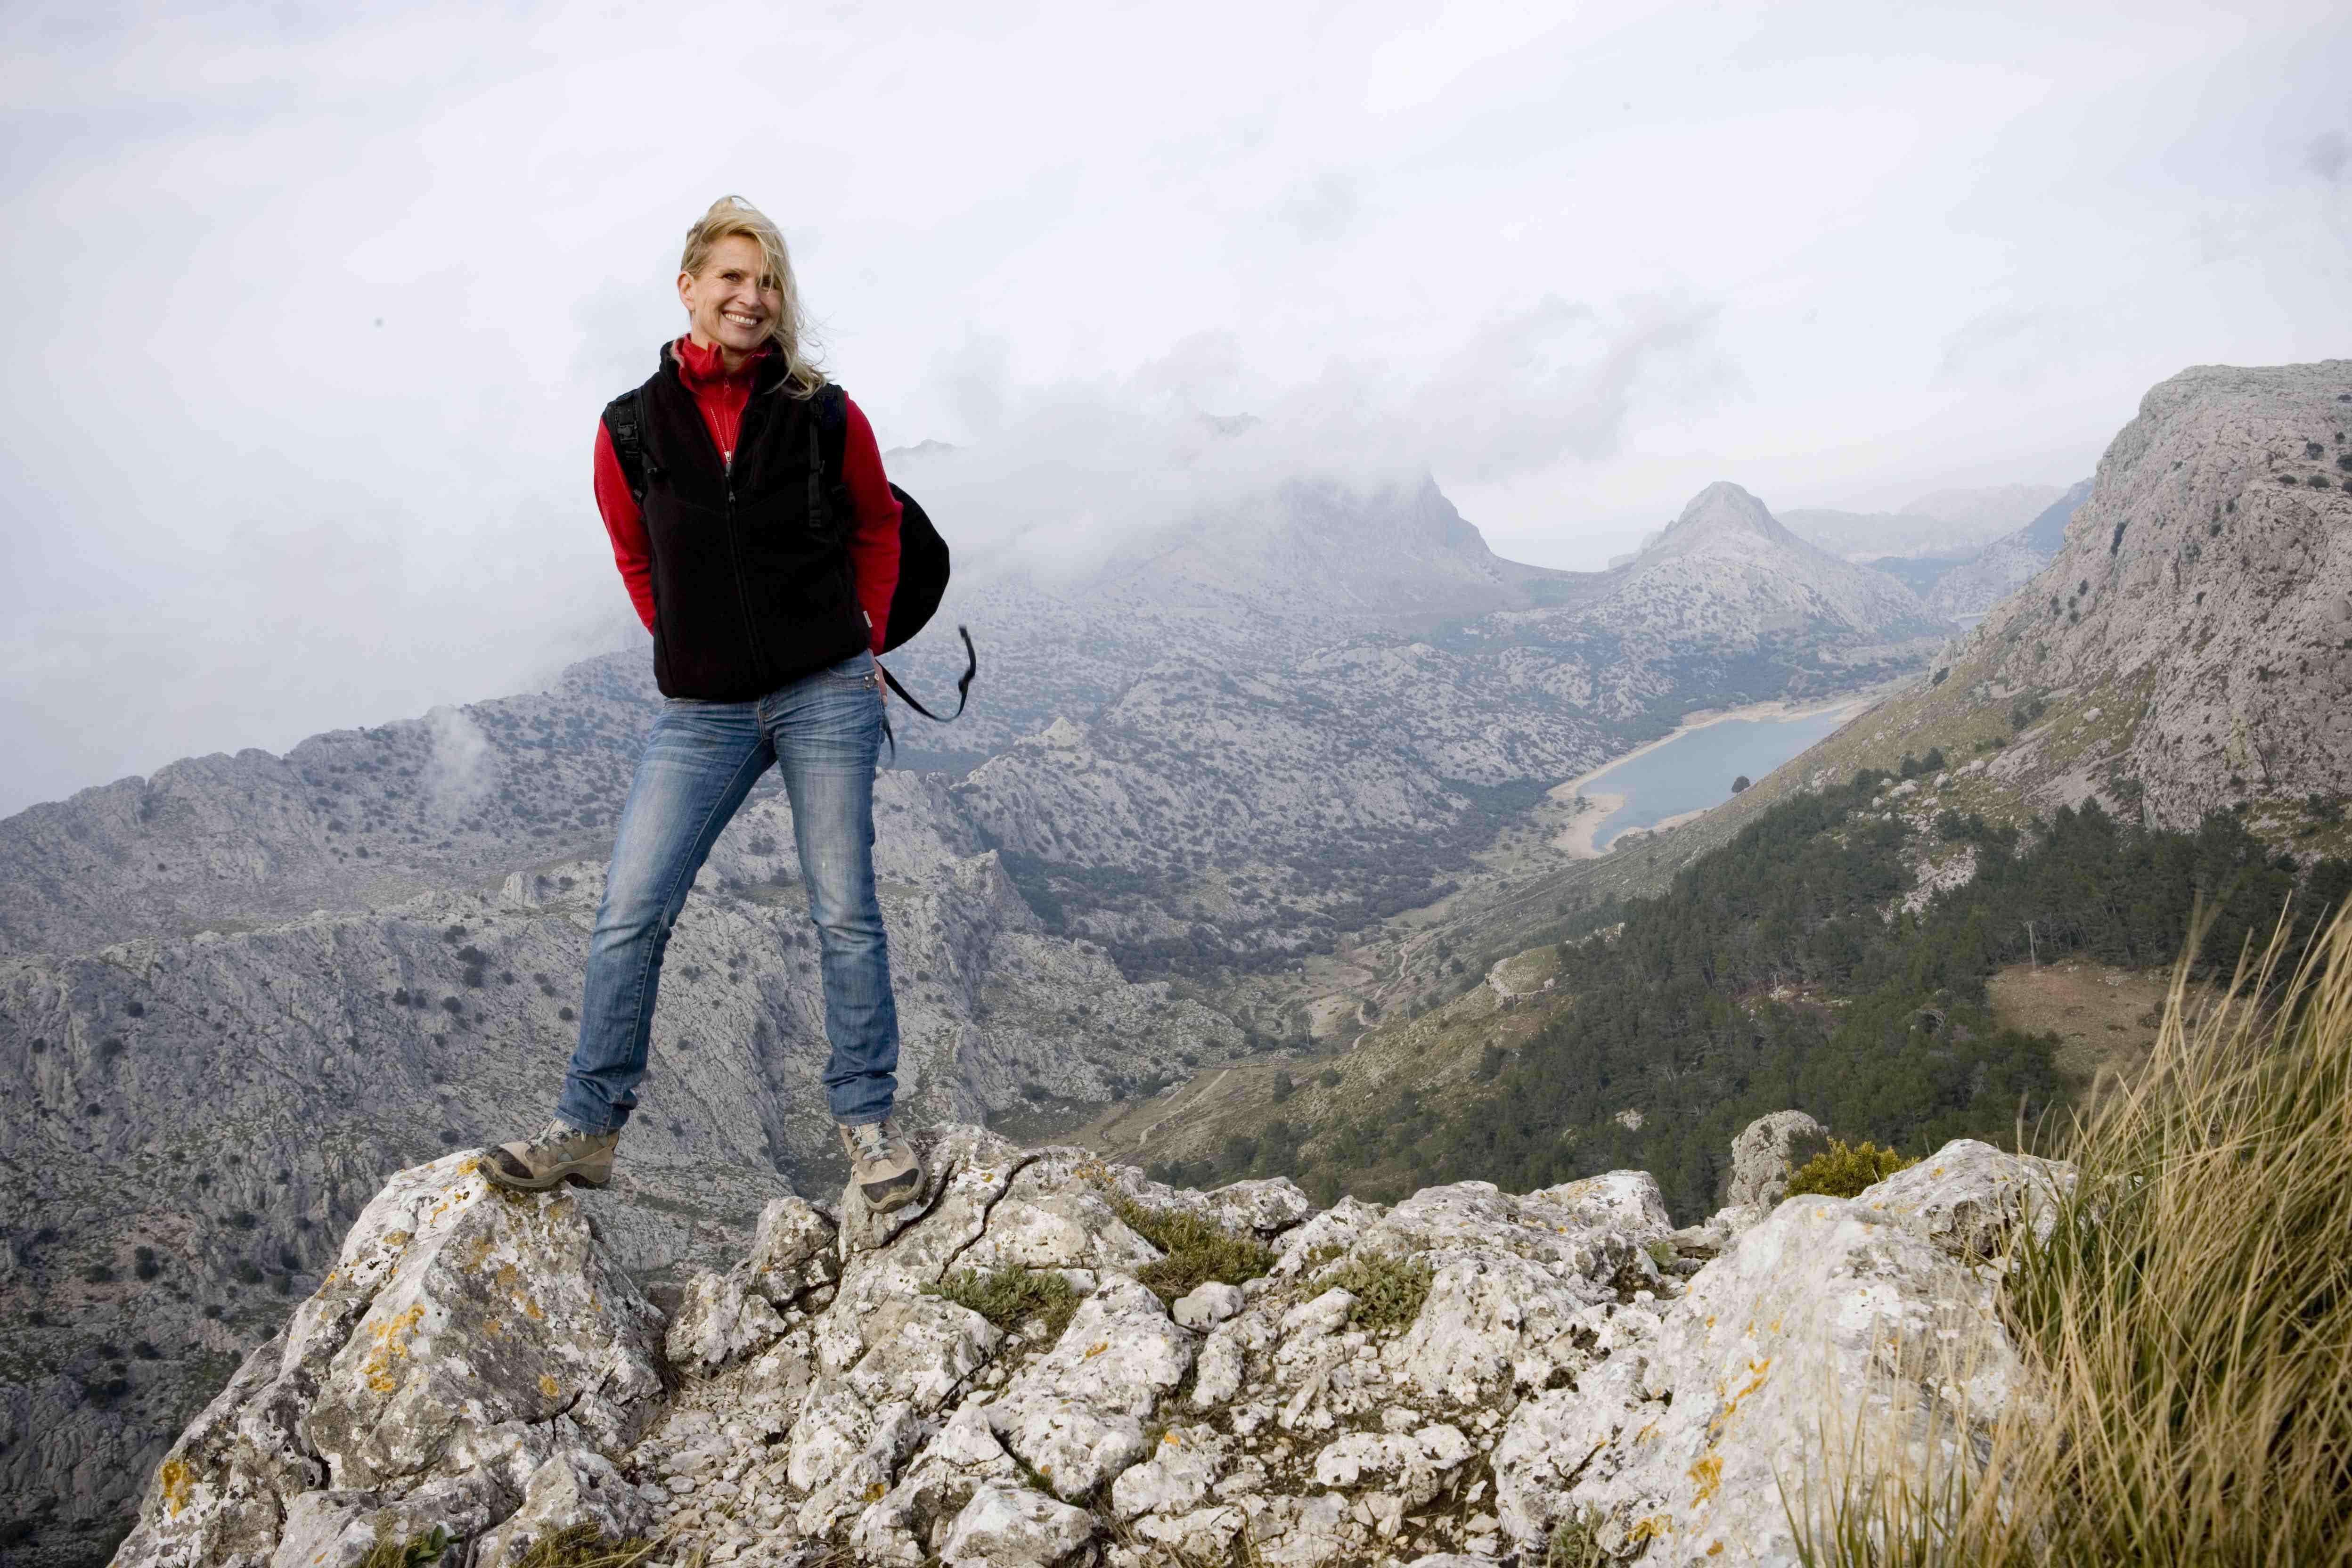 Prinzessin Astrid zu Stolberg auf dem 1100 Meter hohen Berges L'Ofre